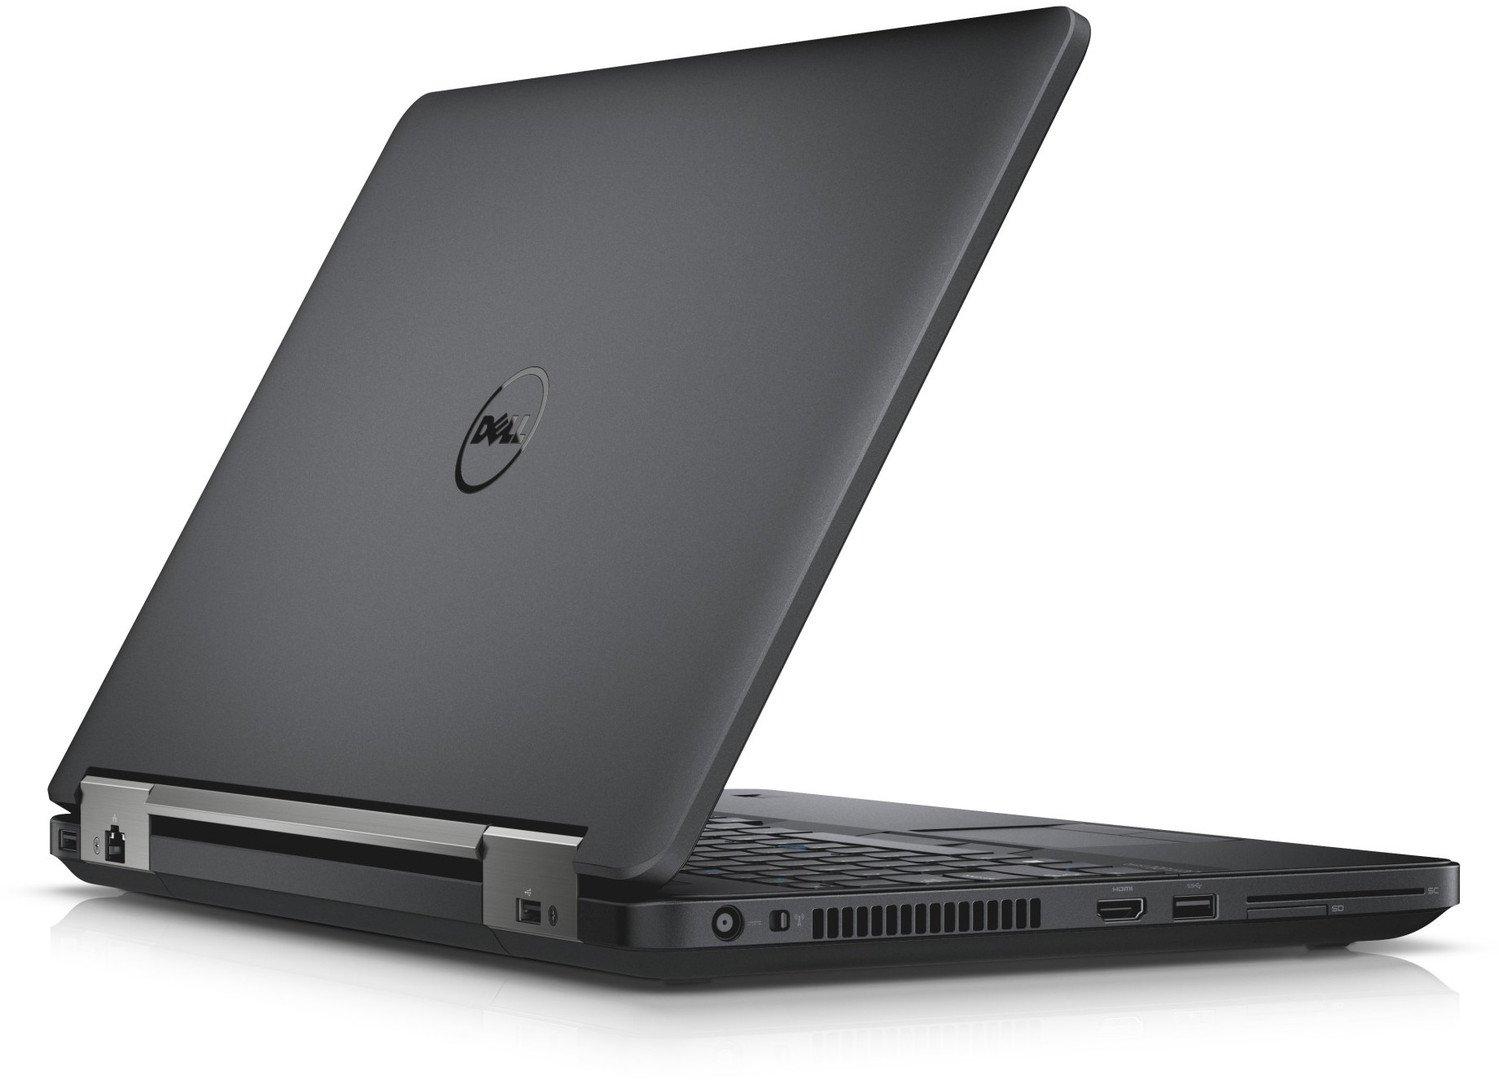 Dell Latitude 15 5000 E5540 I5 Astringo